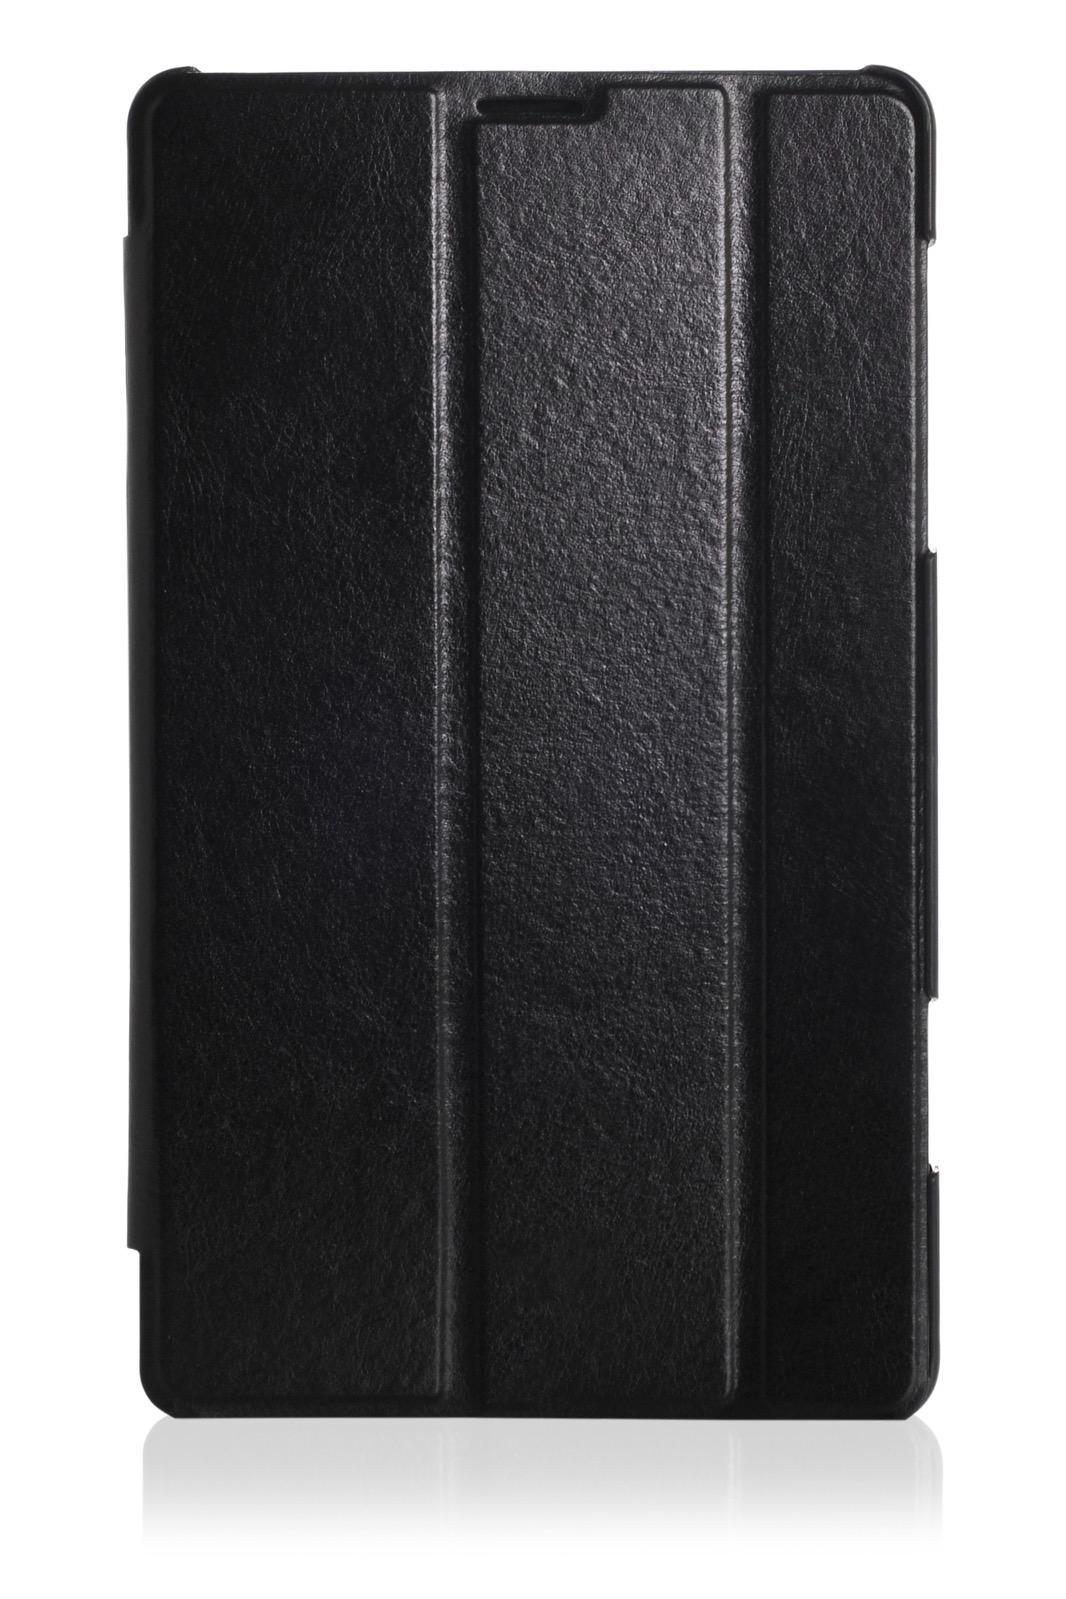 Чехол для планшета Gurdini эко кожа книжка 710001 для Samsung Tab S 8.4, черный